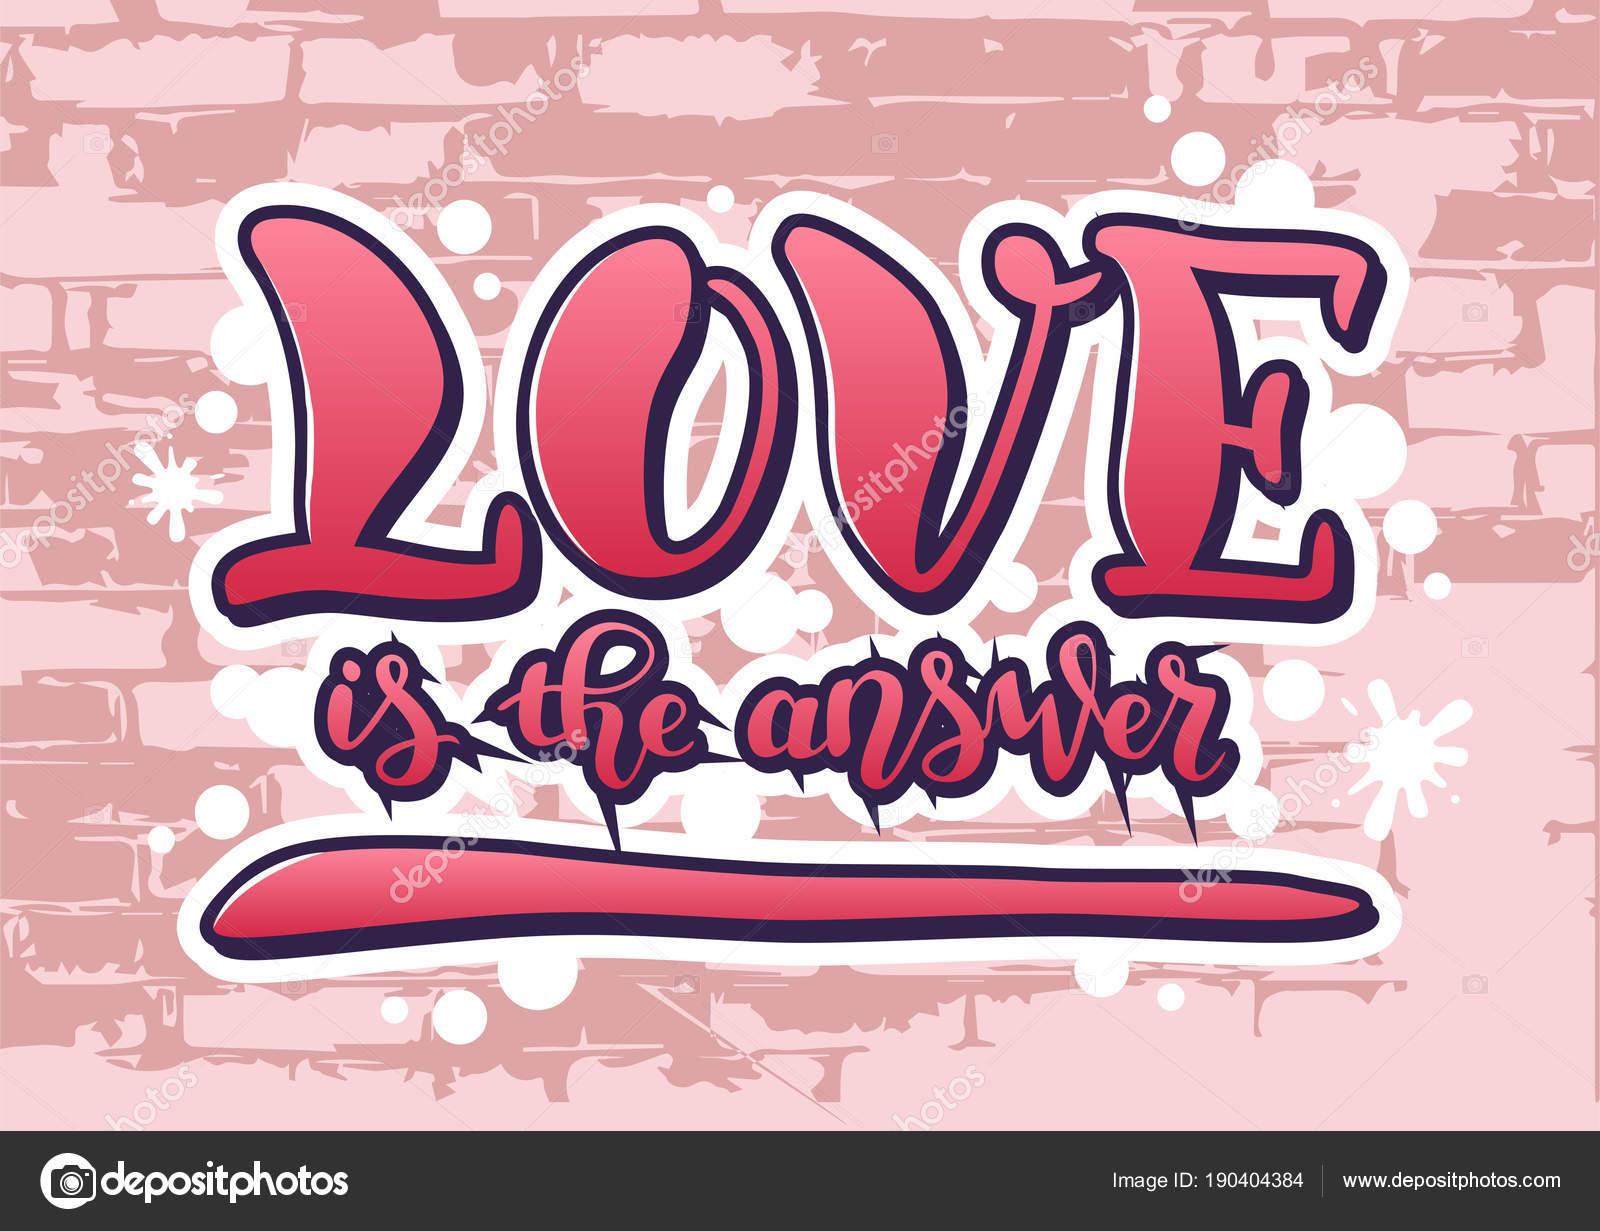 Letra de amor es la respuesta de rosa estilizada como graffiti con contornos blancos y negros sobre fondo rosa claro con textura como la pared de ladrillos